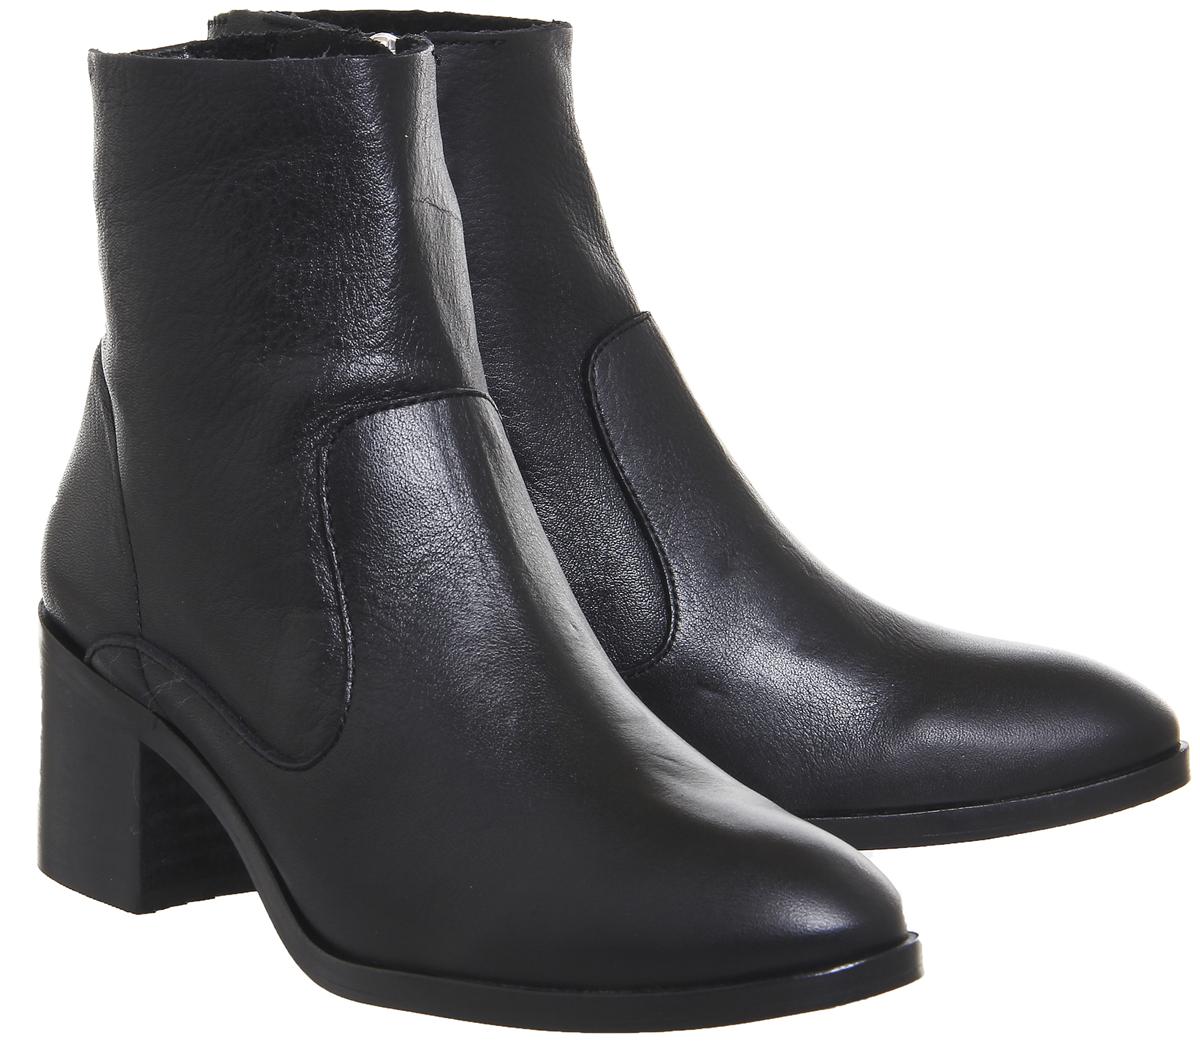 Da Donna Ufficio Albury con Tacco Tacco Tacco a Blocco Stivali neri in pelle   modello di moda    Uomini/Donne Scarpa  47a21c